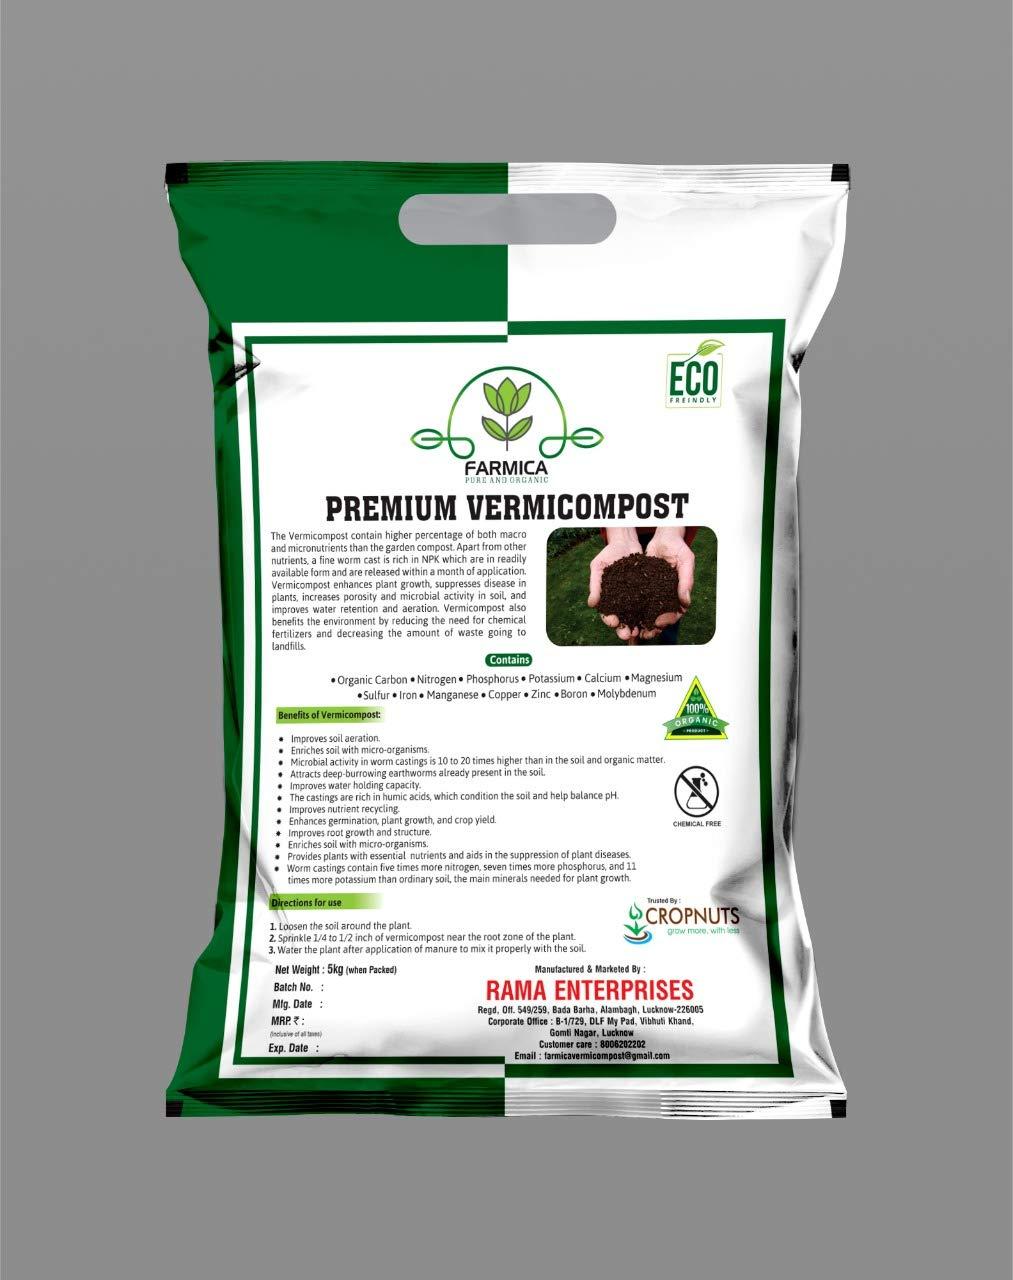 FARMICA Premium Vermicompost